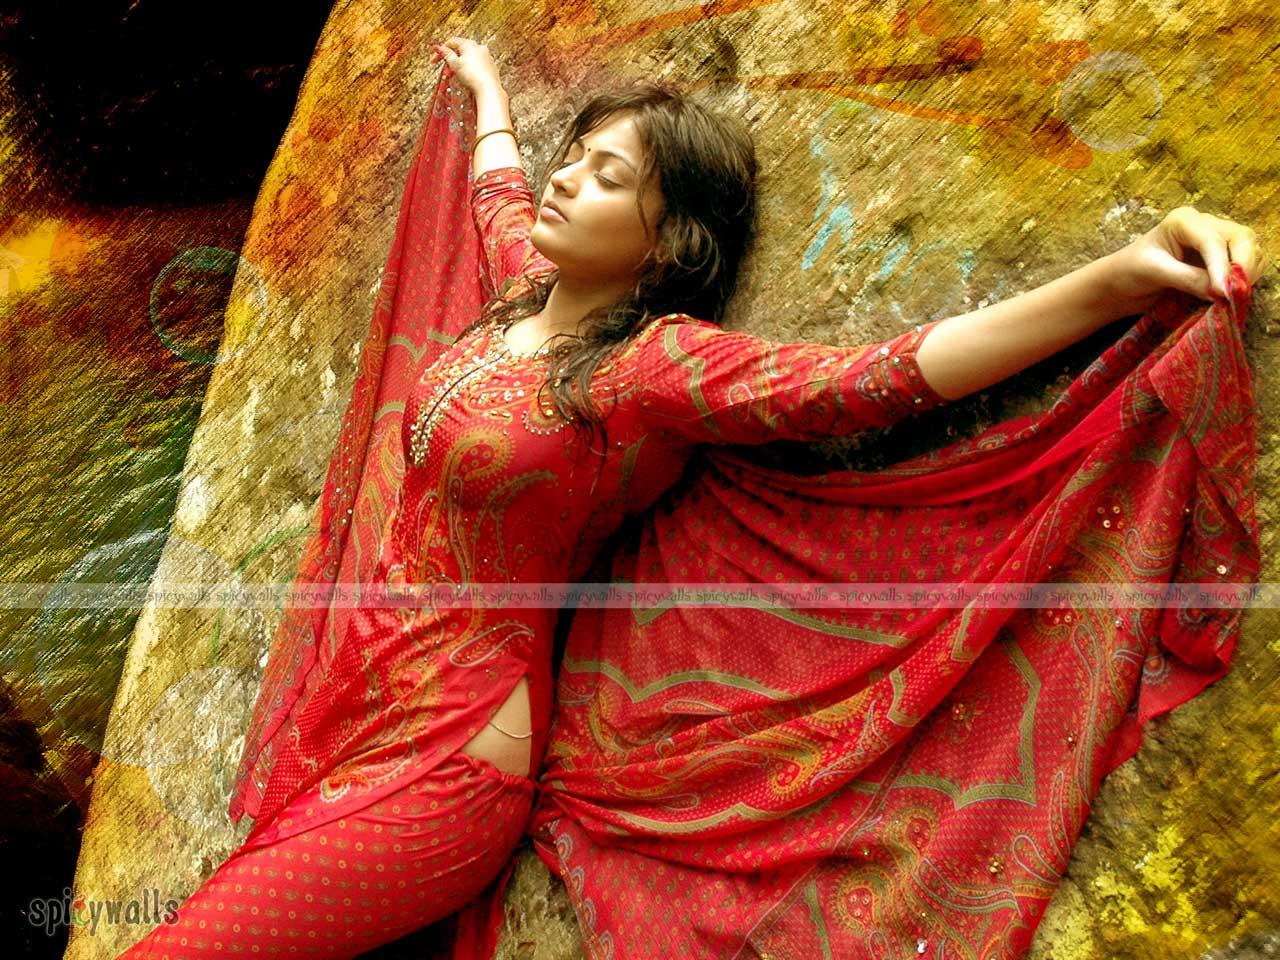 Bangla girl exposing on yahoo - 3 part 2